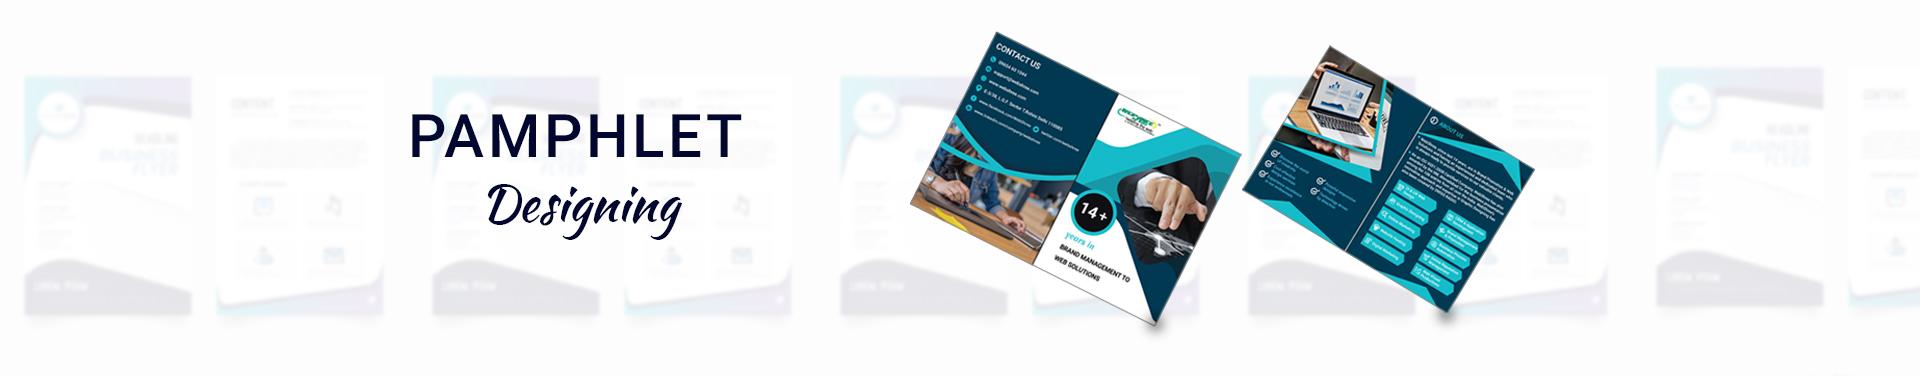 pamphlet designing services pamphlet designing company pamphlet